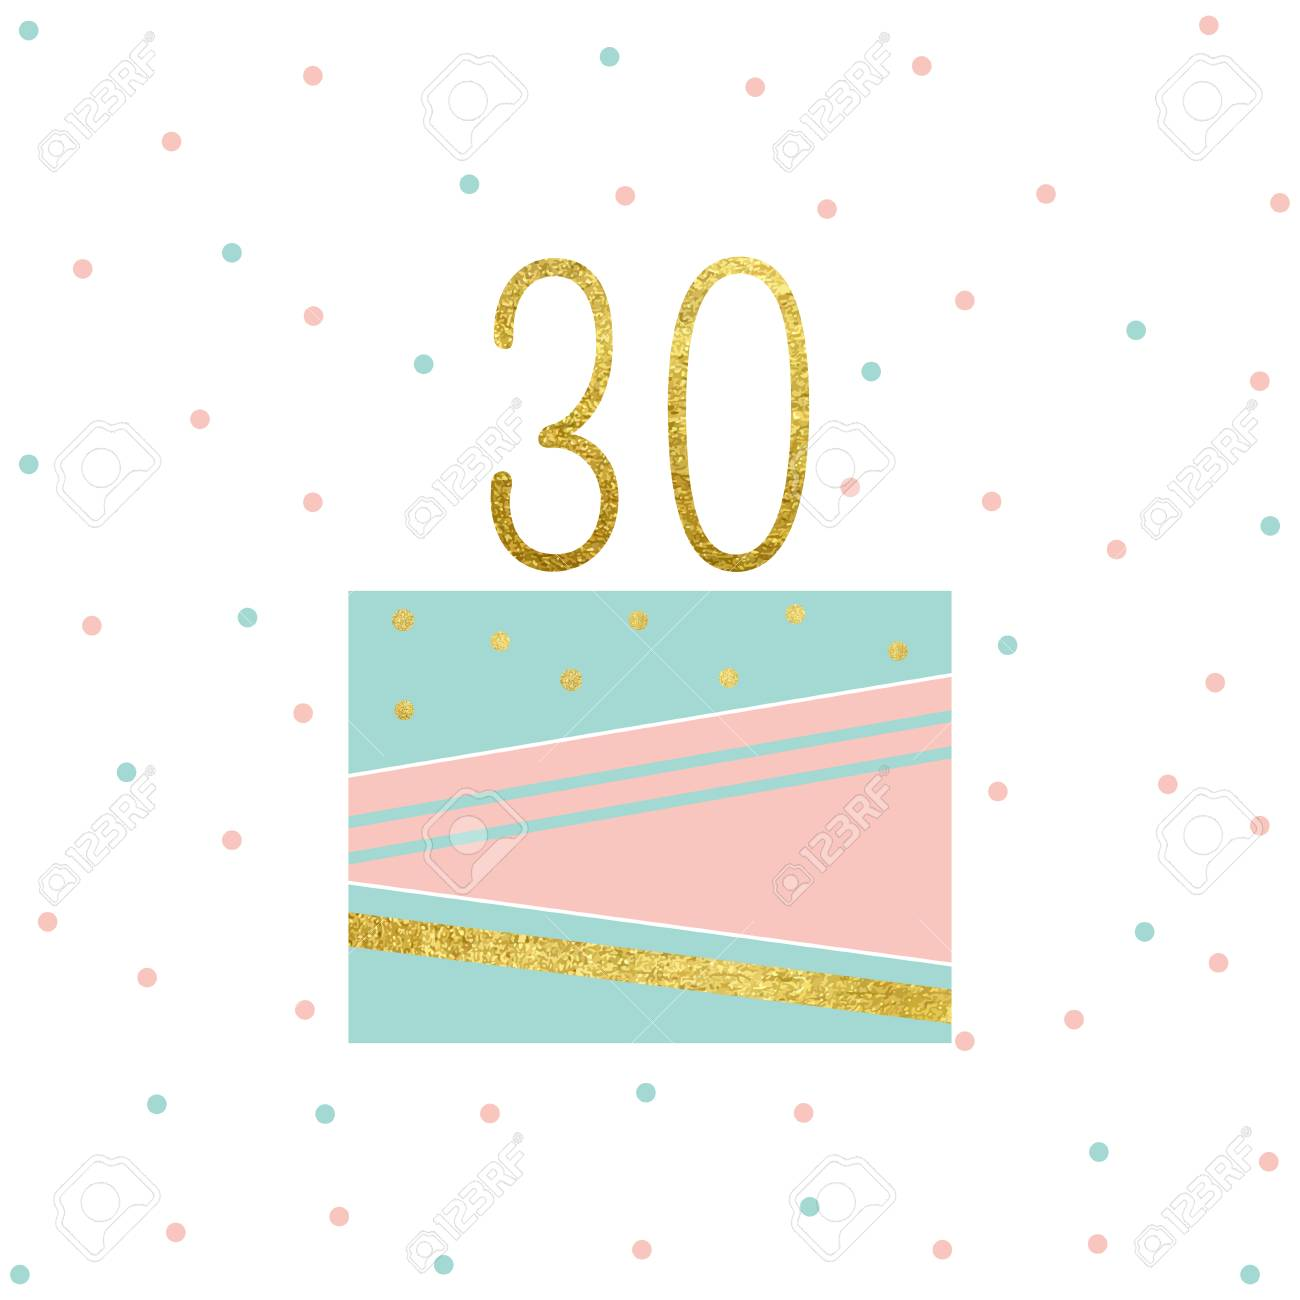 Ilustración Del Vector De La Tarjeta De La Torta De Cumpleaños 30 Aniversario De La Celebración Tarjetas De Invitación De Cumpleaños Aislado En El